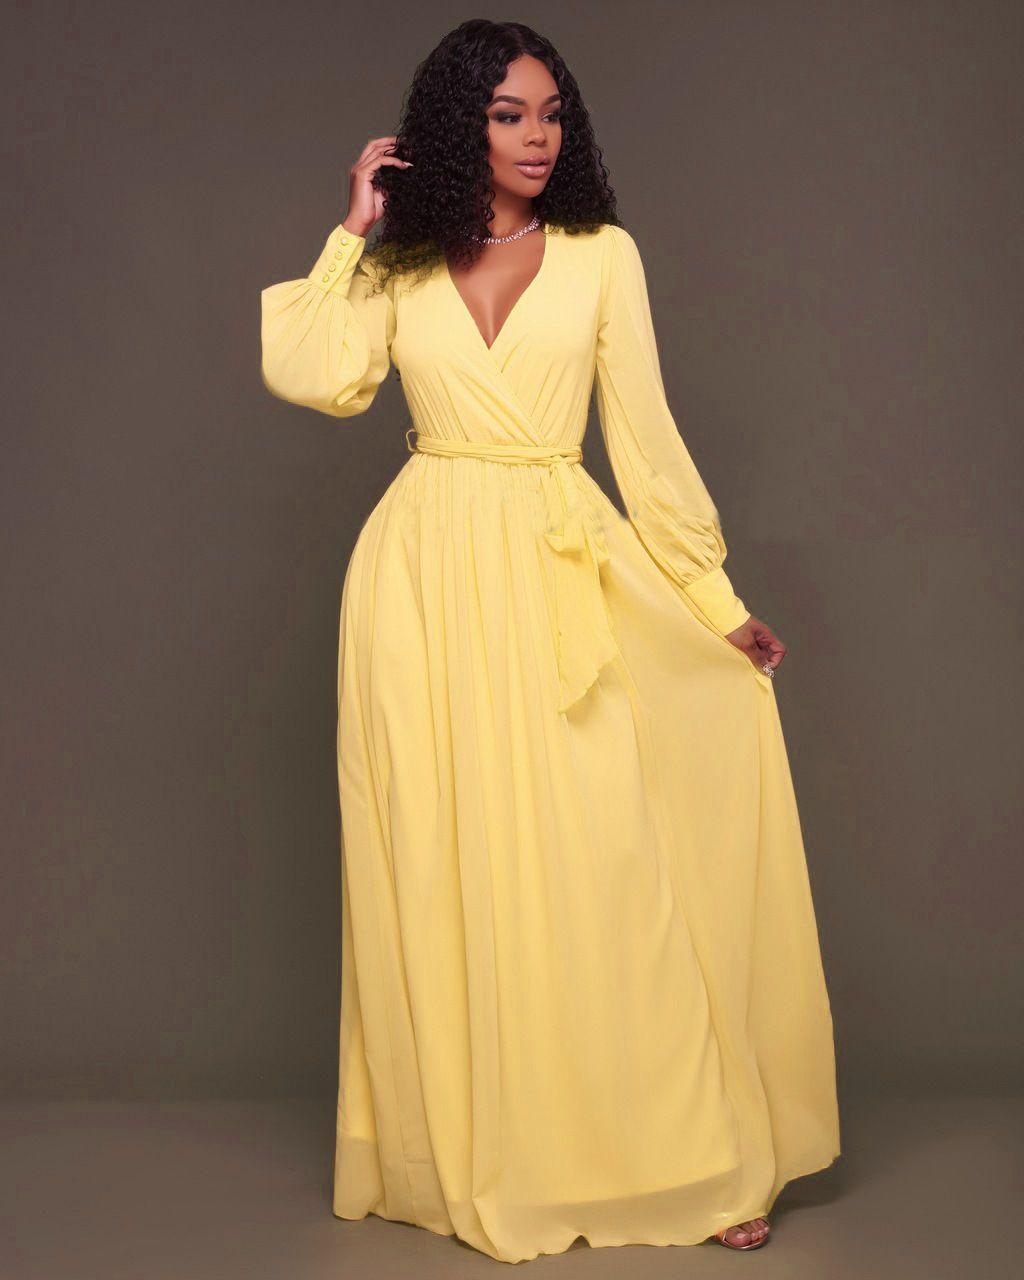 Compre Moda De Manga Larga Fajas Maxi Vestidos Largos Mujer Elegante Con Cuello En V Ruffles Suelta Vestido Amarillo Rosa Vestidos De Fiesta A 1558